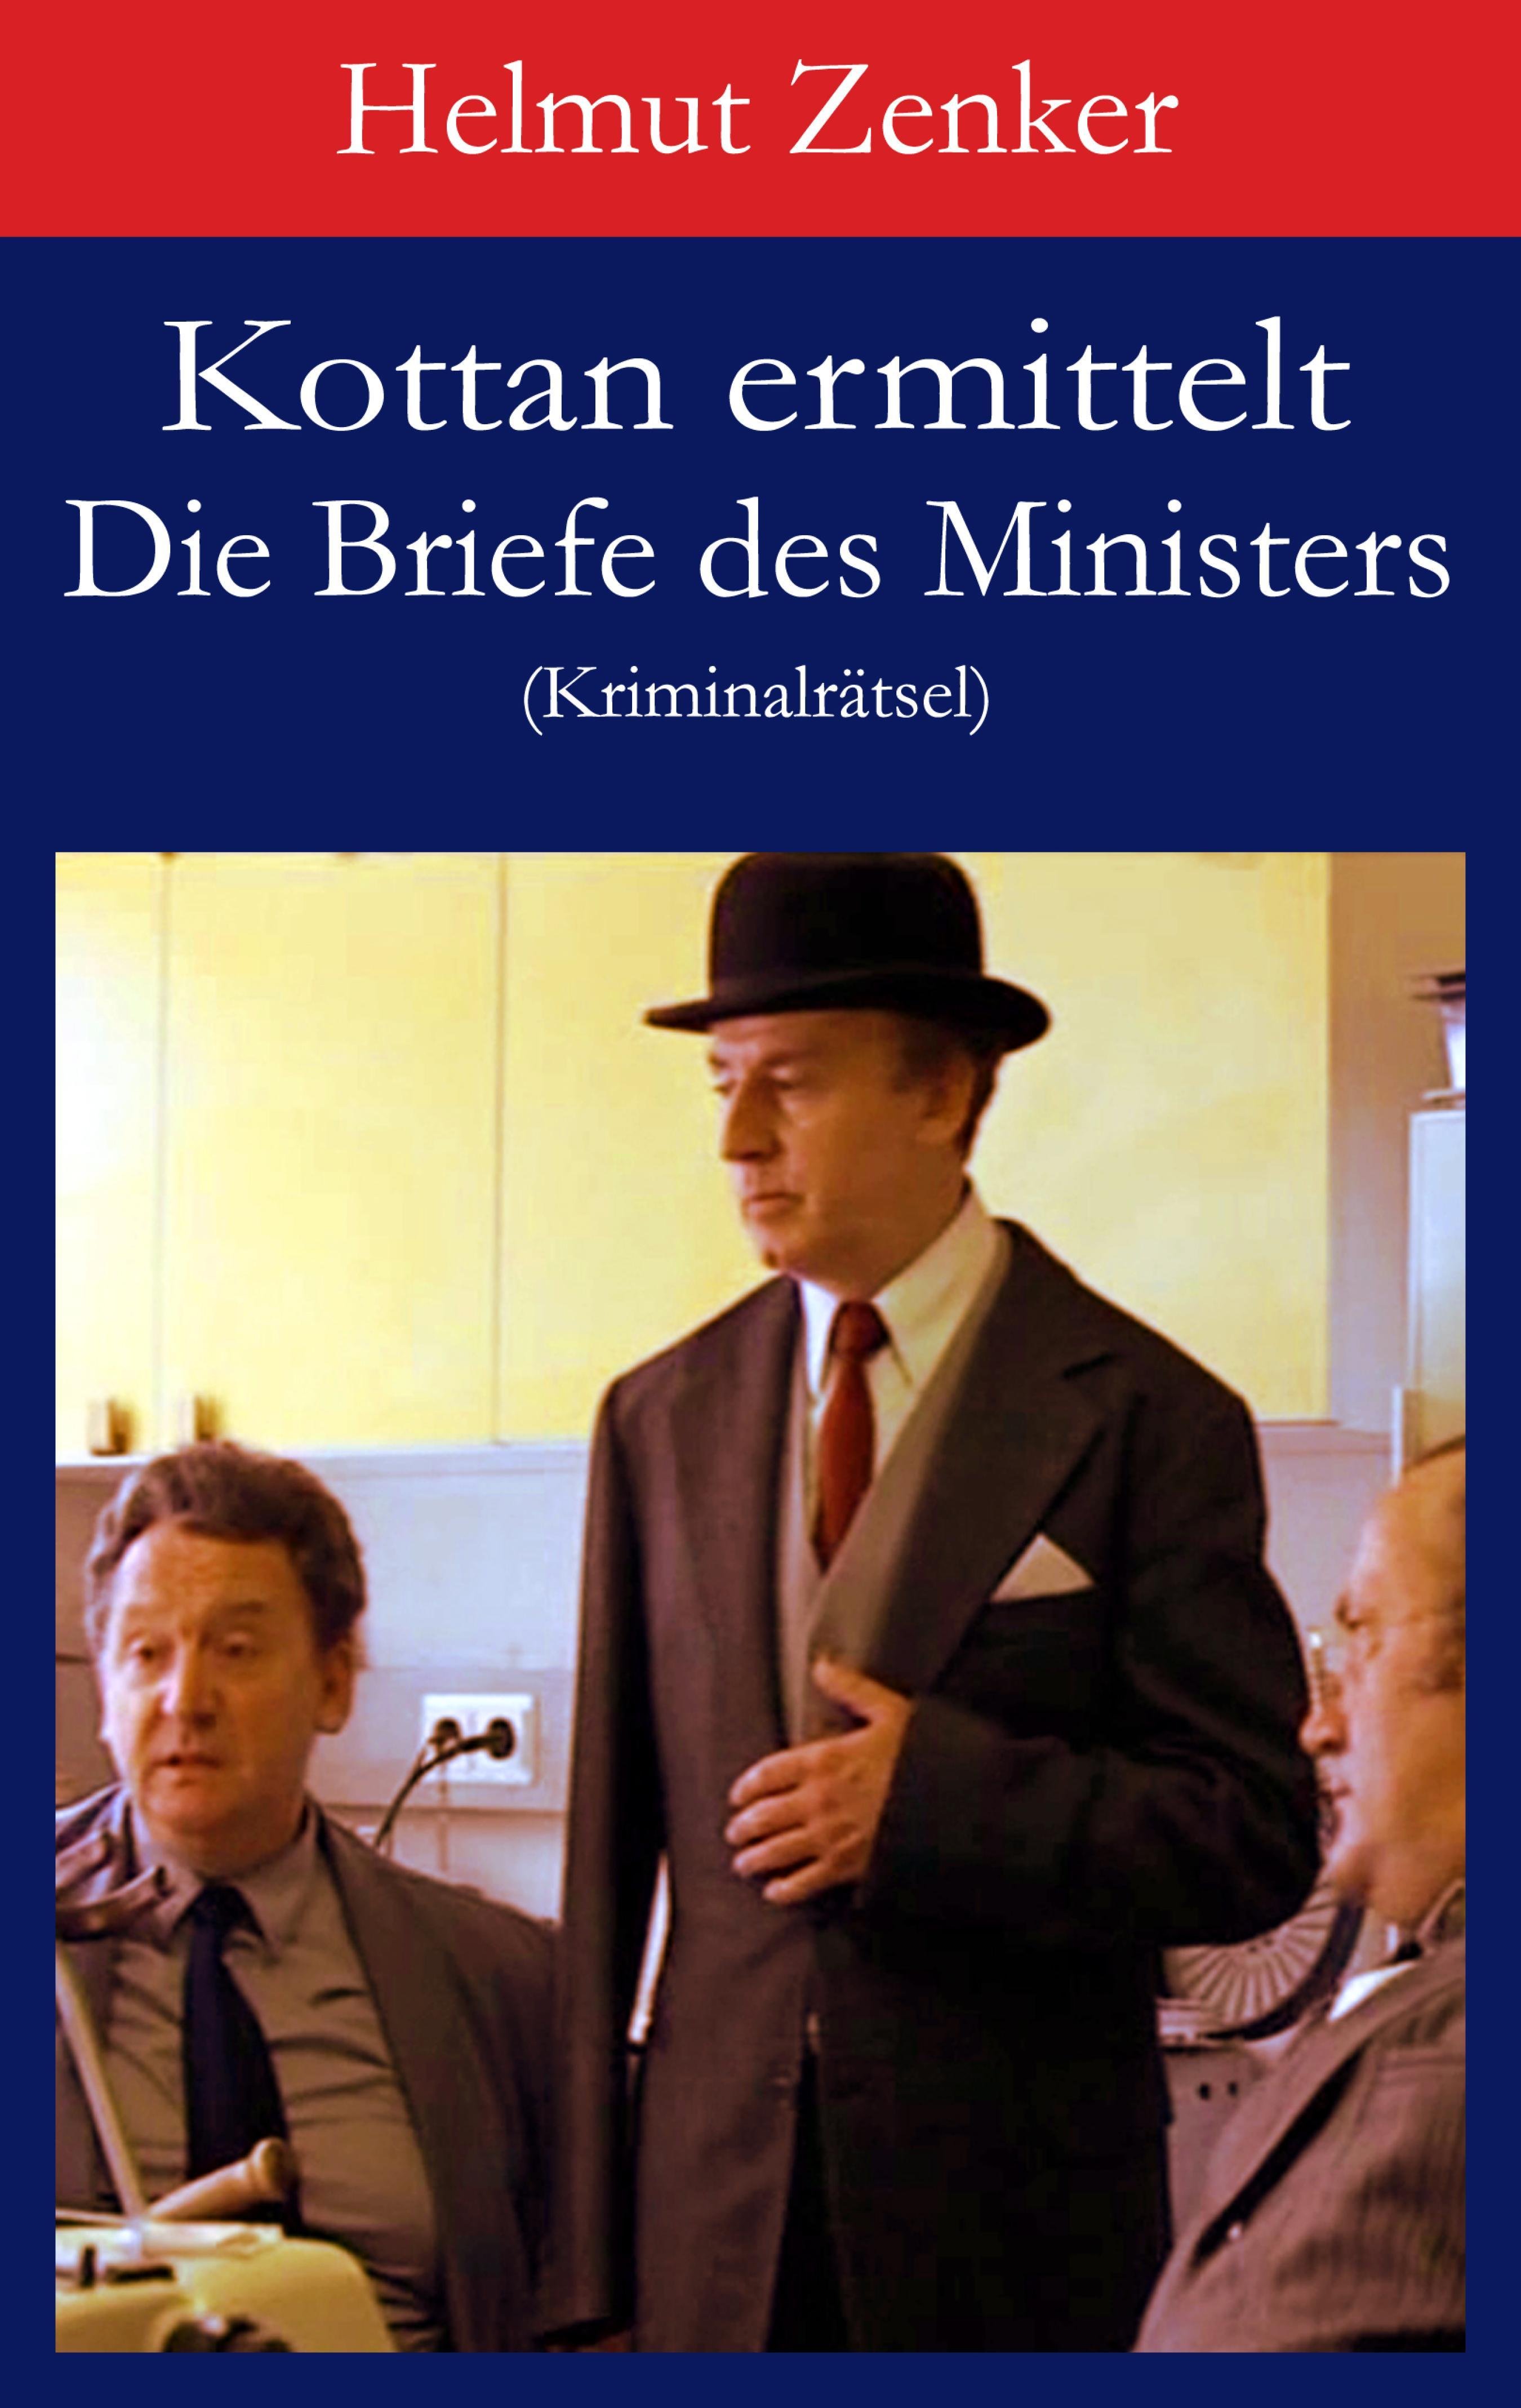 Helmut Zenker Kottan ermittelt: Die Briefe des Ministers helmut zenker kottan ermittelt mord in schönbrunn